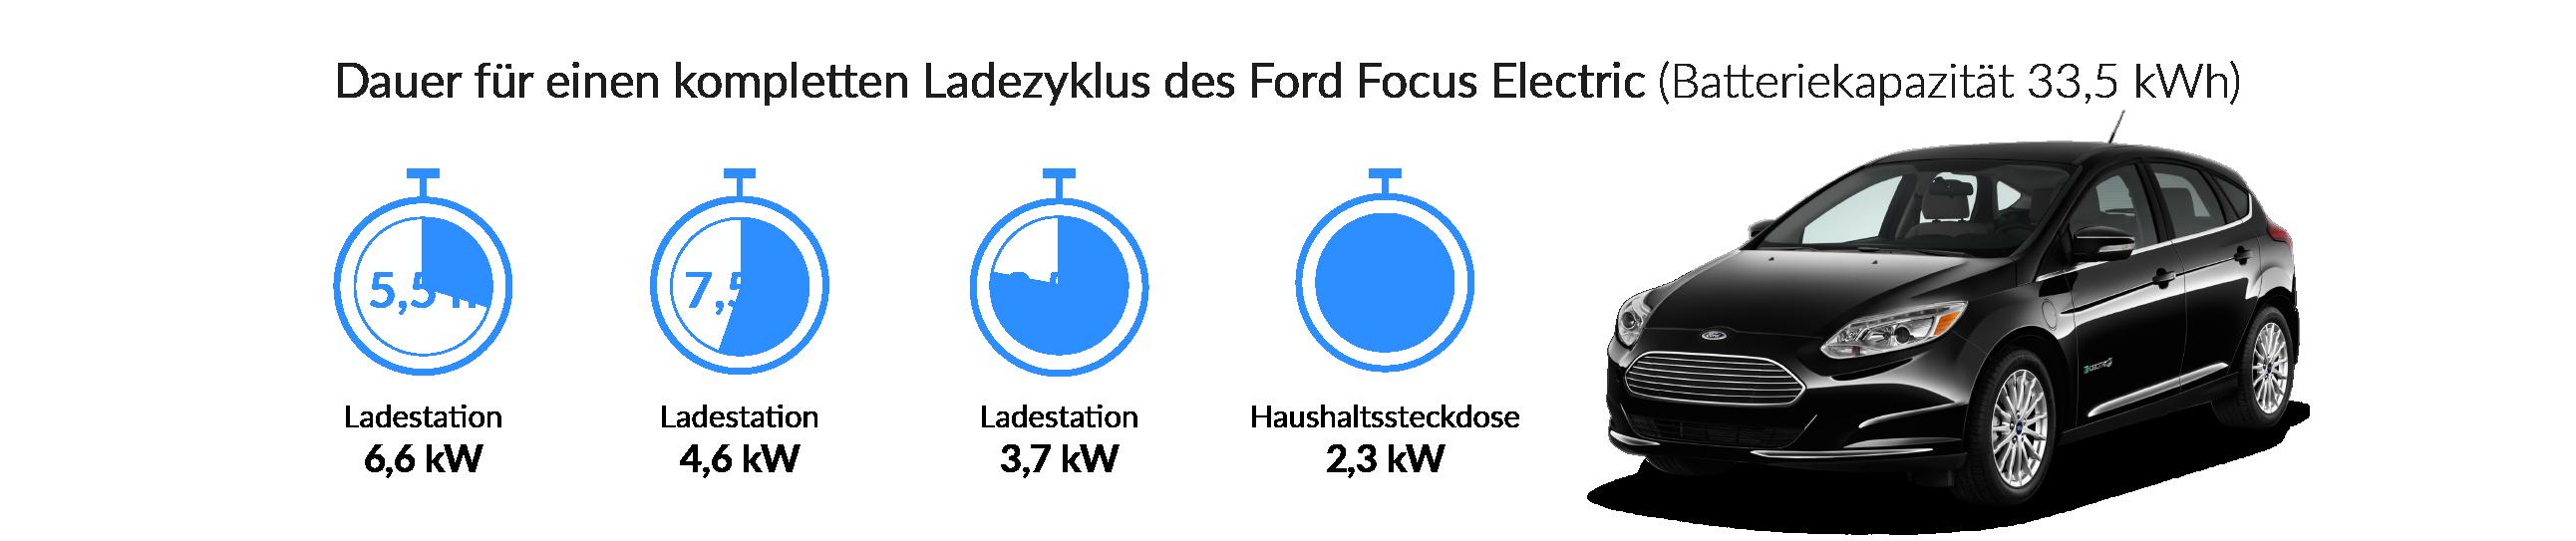 Ladezeiten des Ford Focus Electric